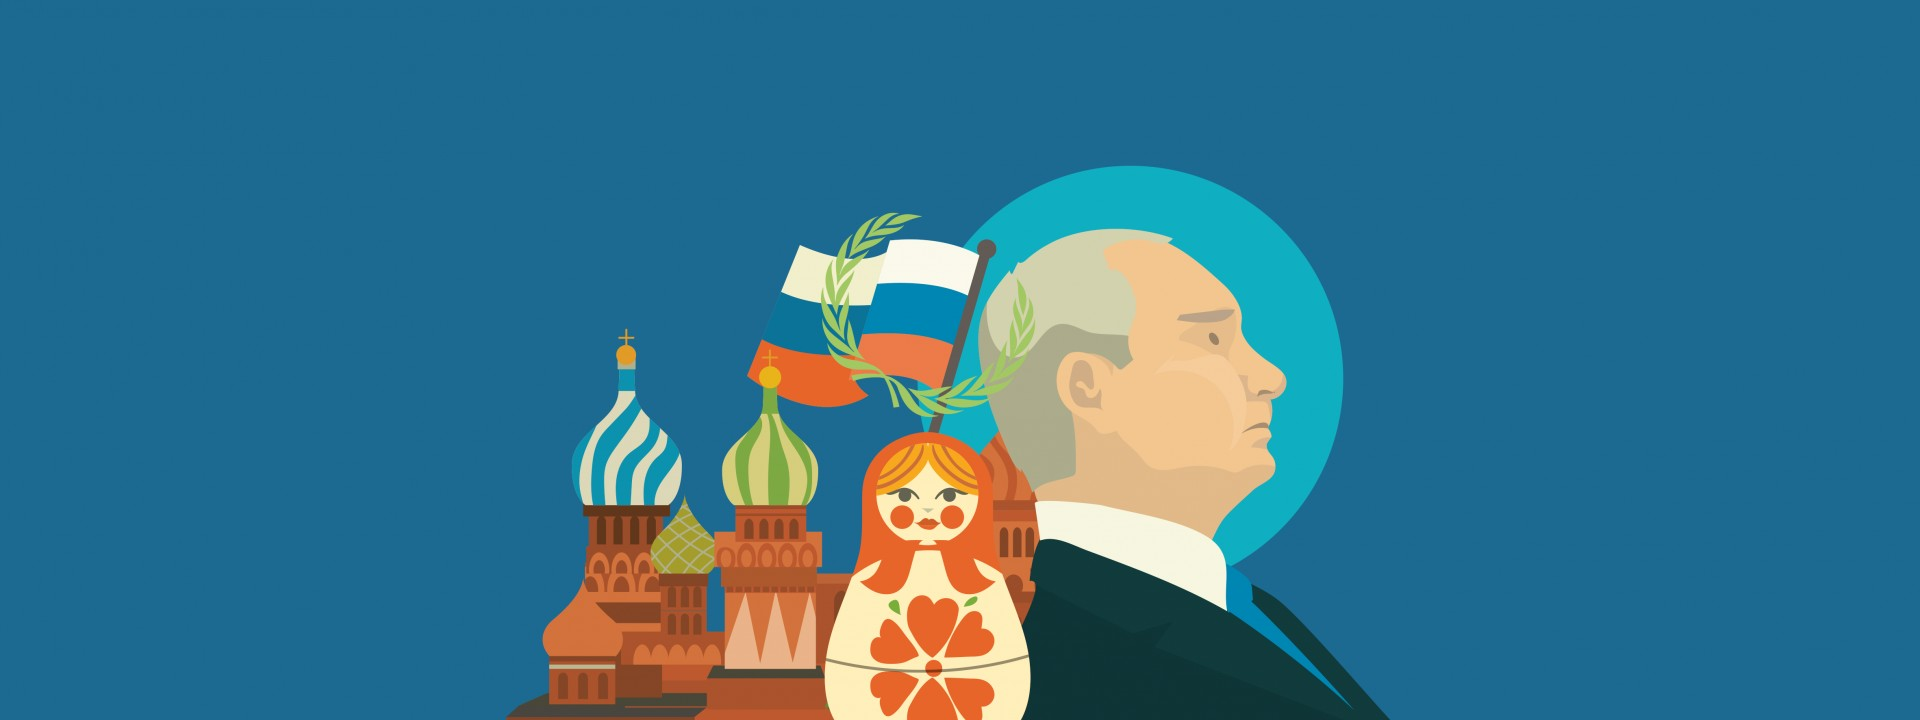 Rusyada ve dünyada insan haklarının ihlali